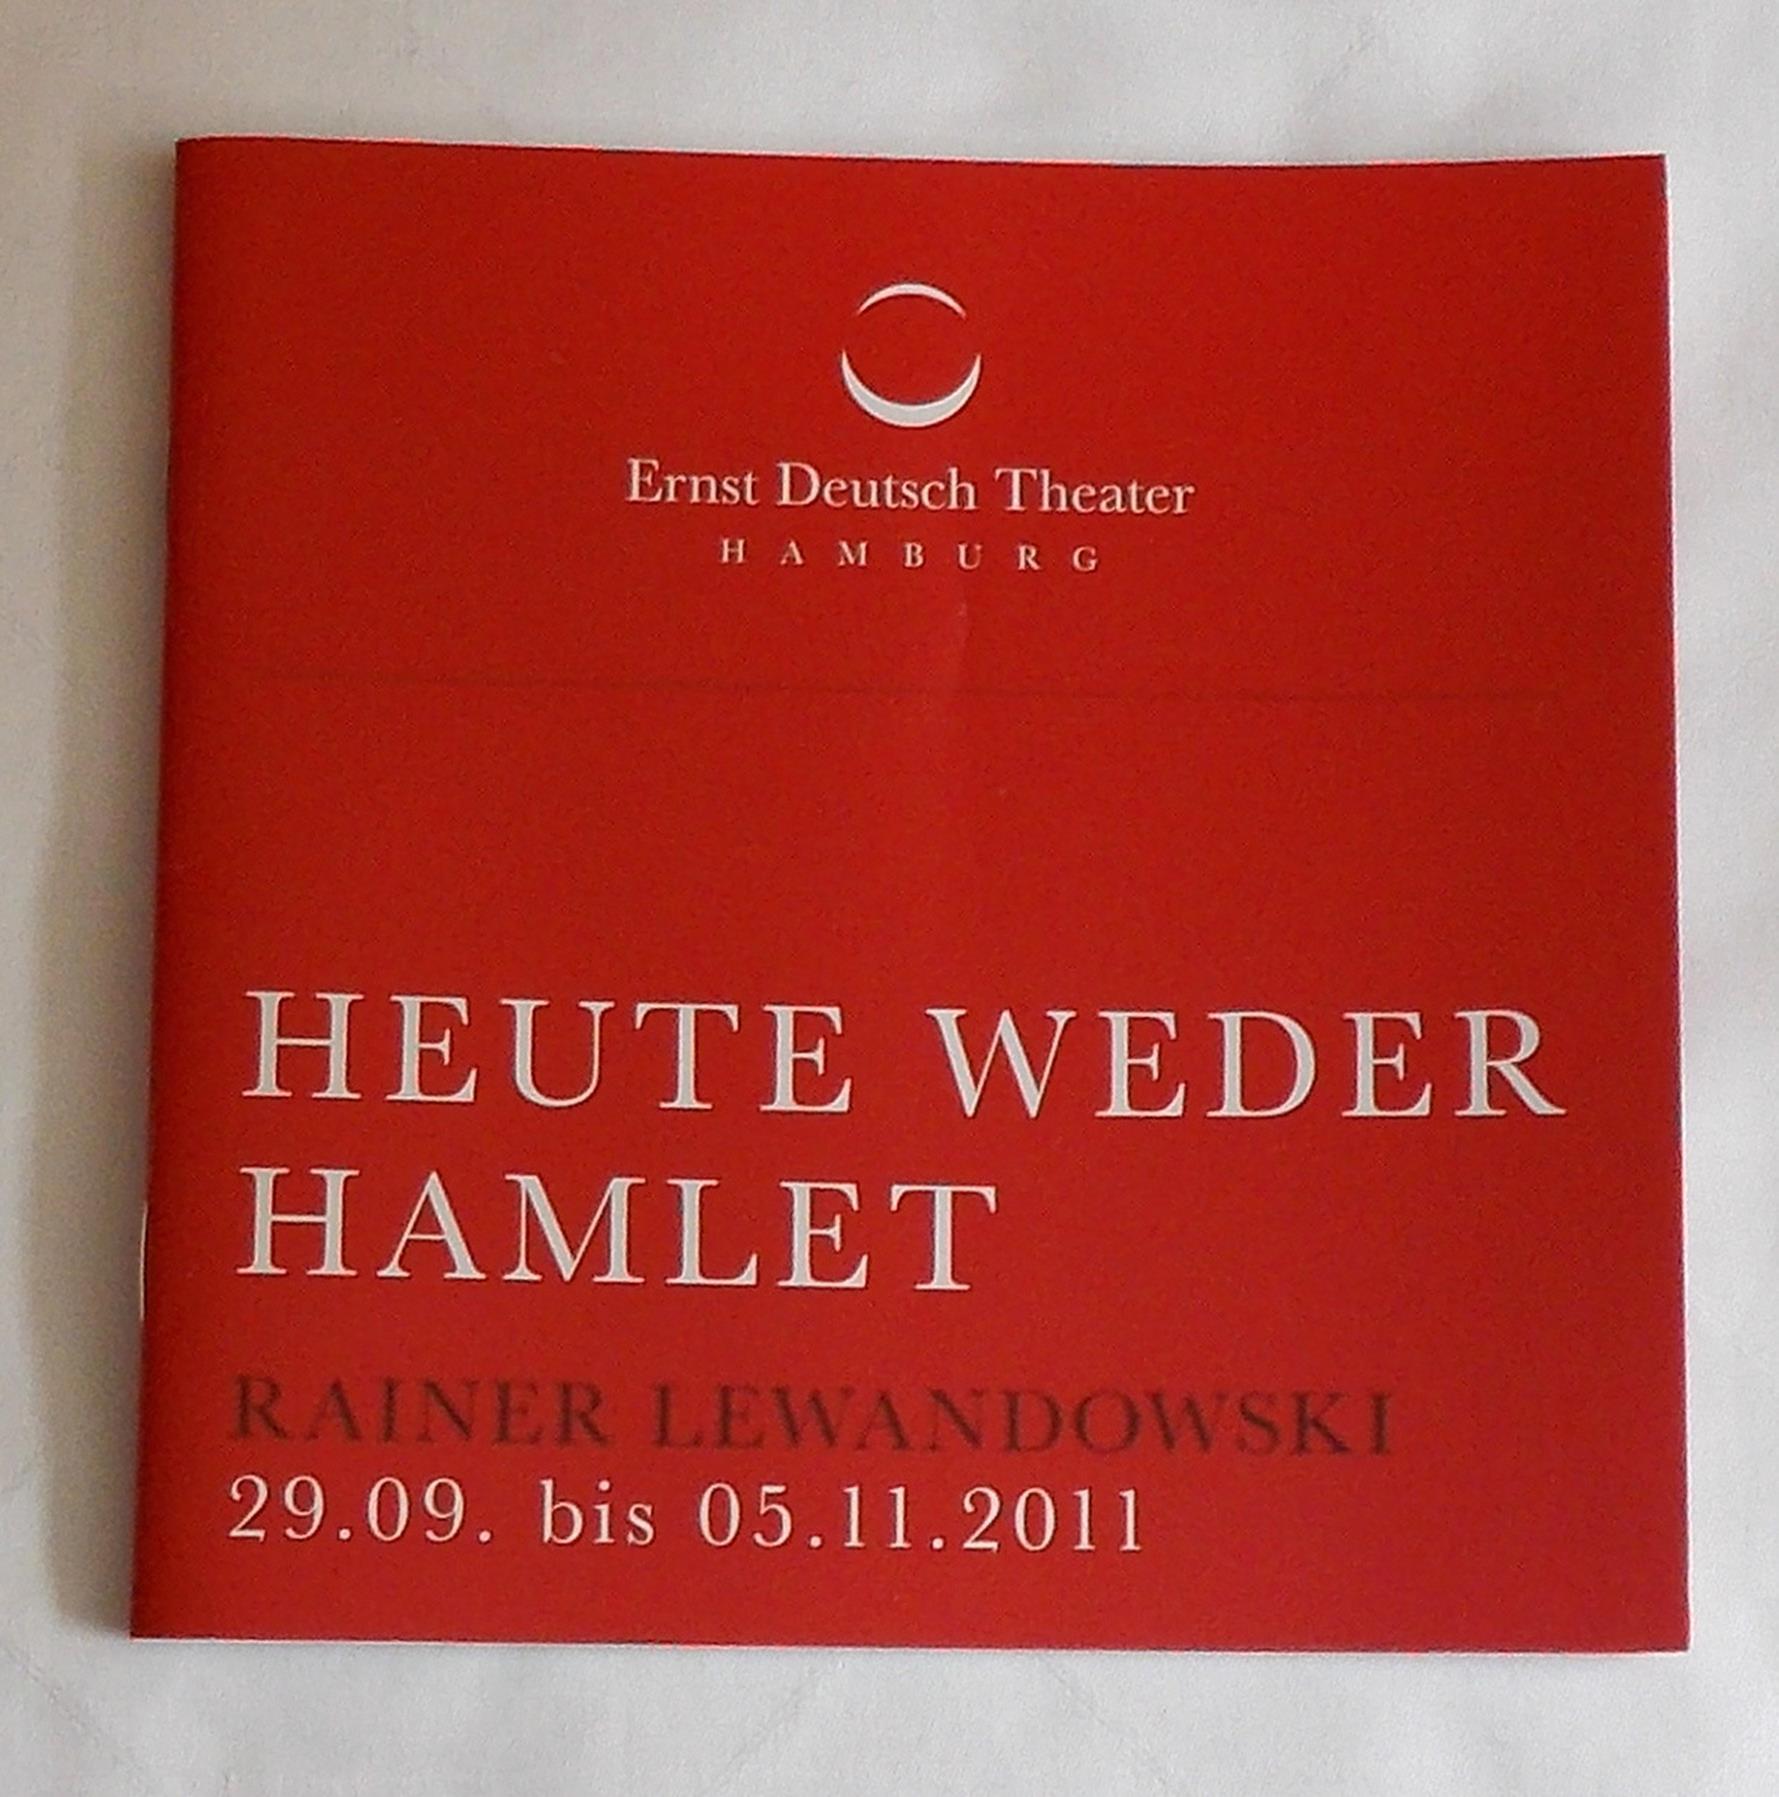 Programmheft Heute weder Hamlet von R. Lewandowski Ernst Deutsch Theater 2011